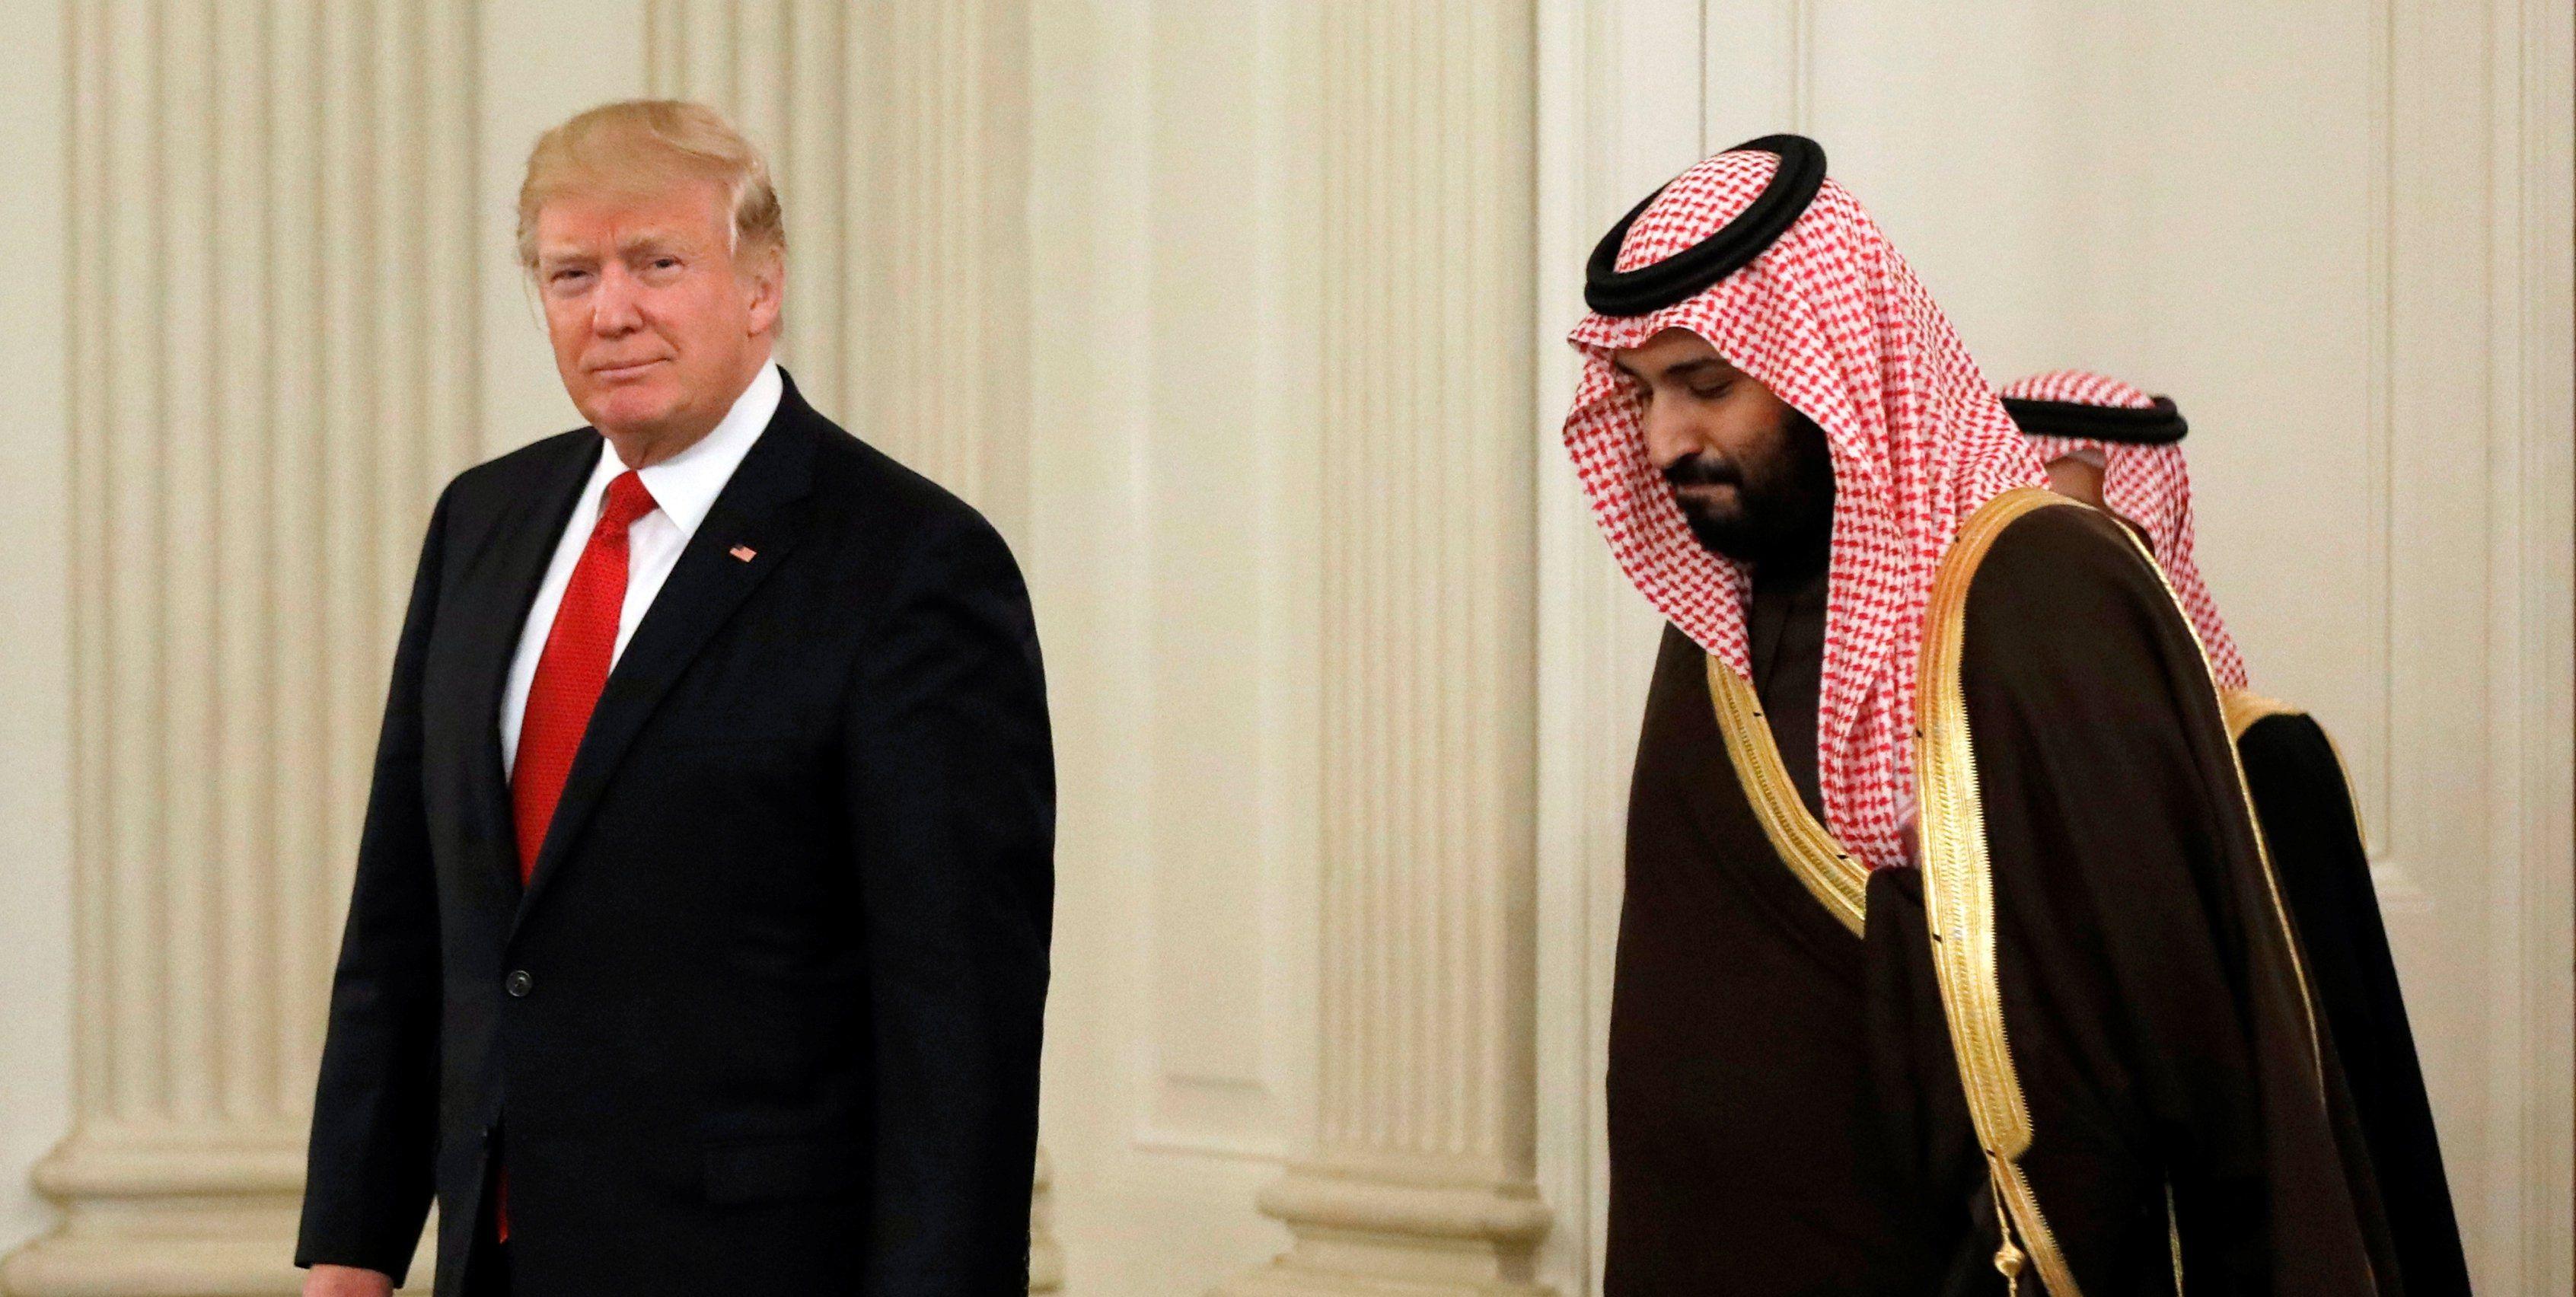 دلایل همگرایی سیاست خارجی مثلث شوم/خطر بیتجربگی شاهزاده بنسلمان و ترامپ برای خاورمیانه/چرا عربستان عصبانی است؟